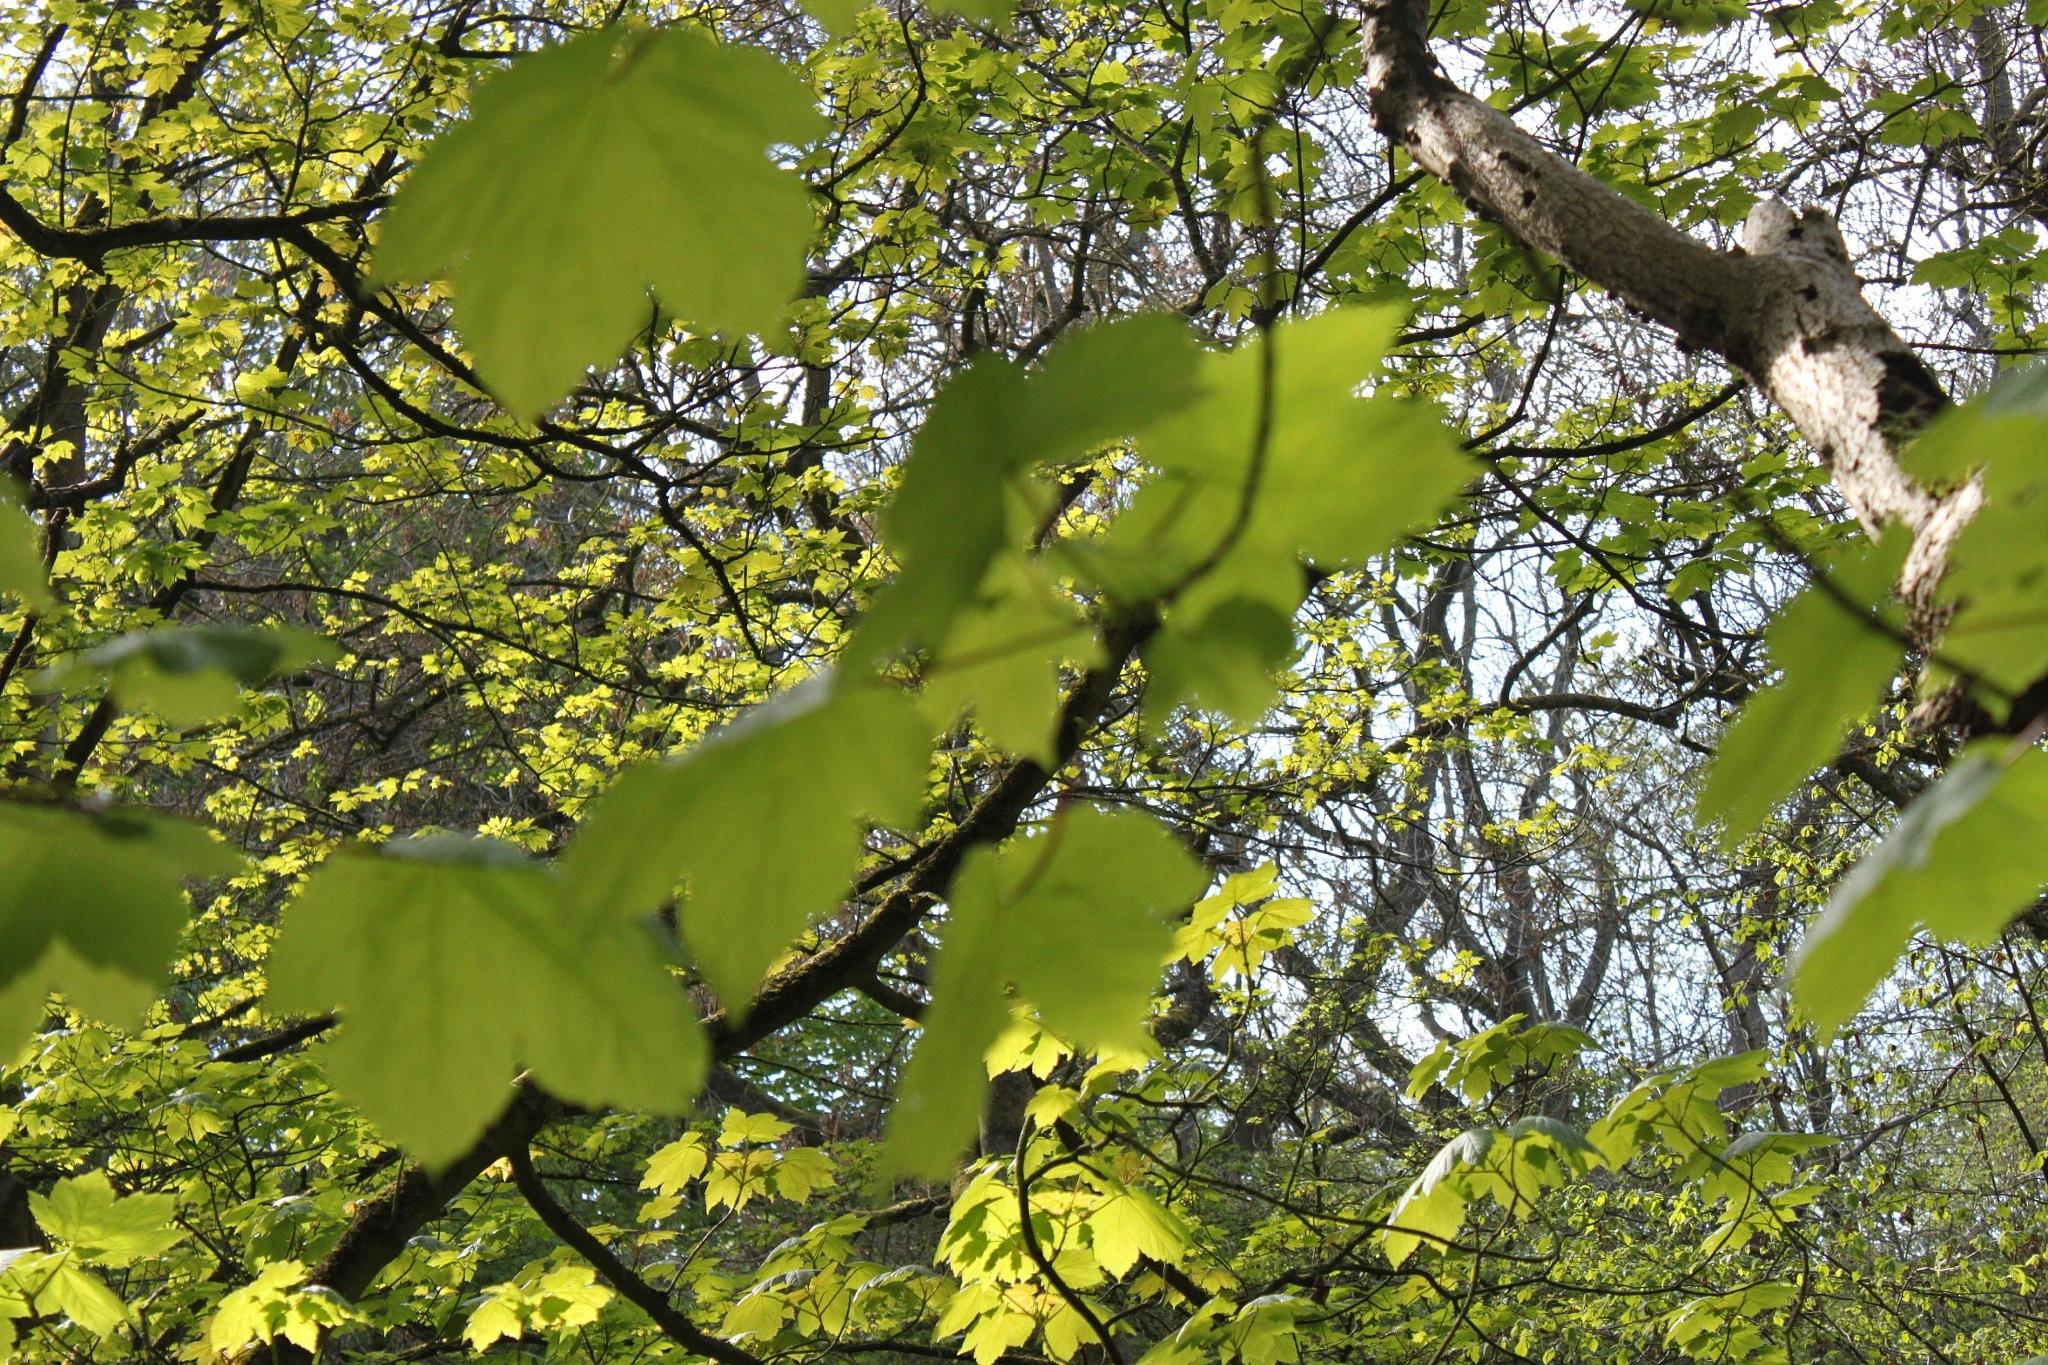 leaves by jadie_x2